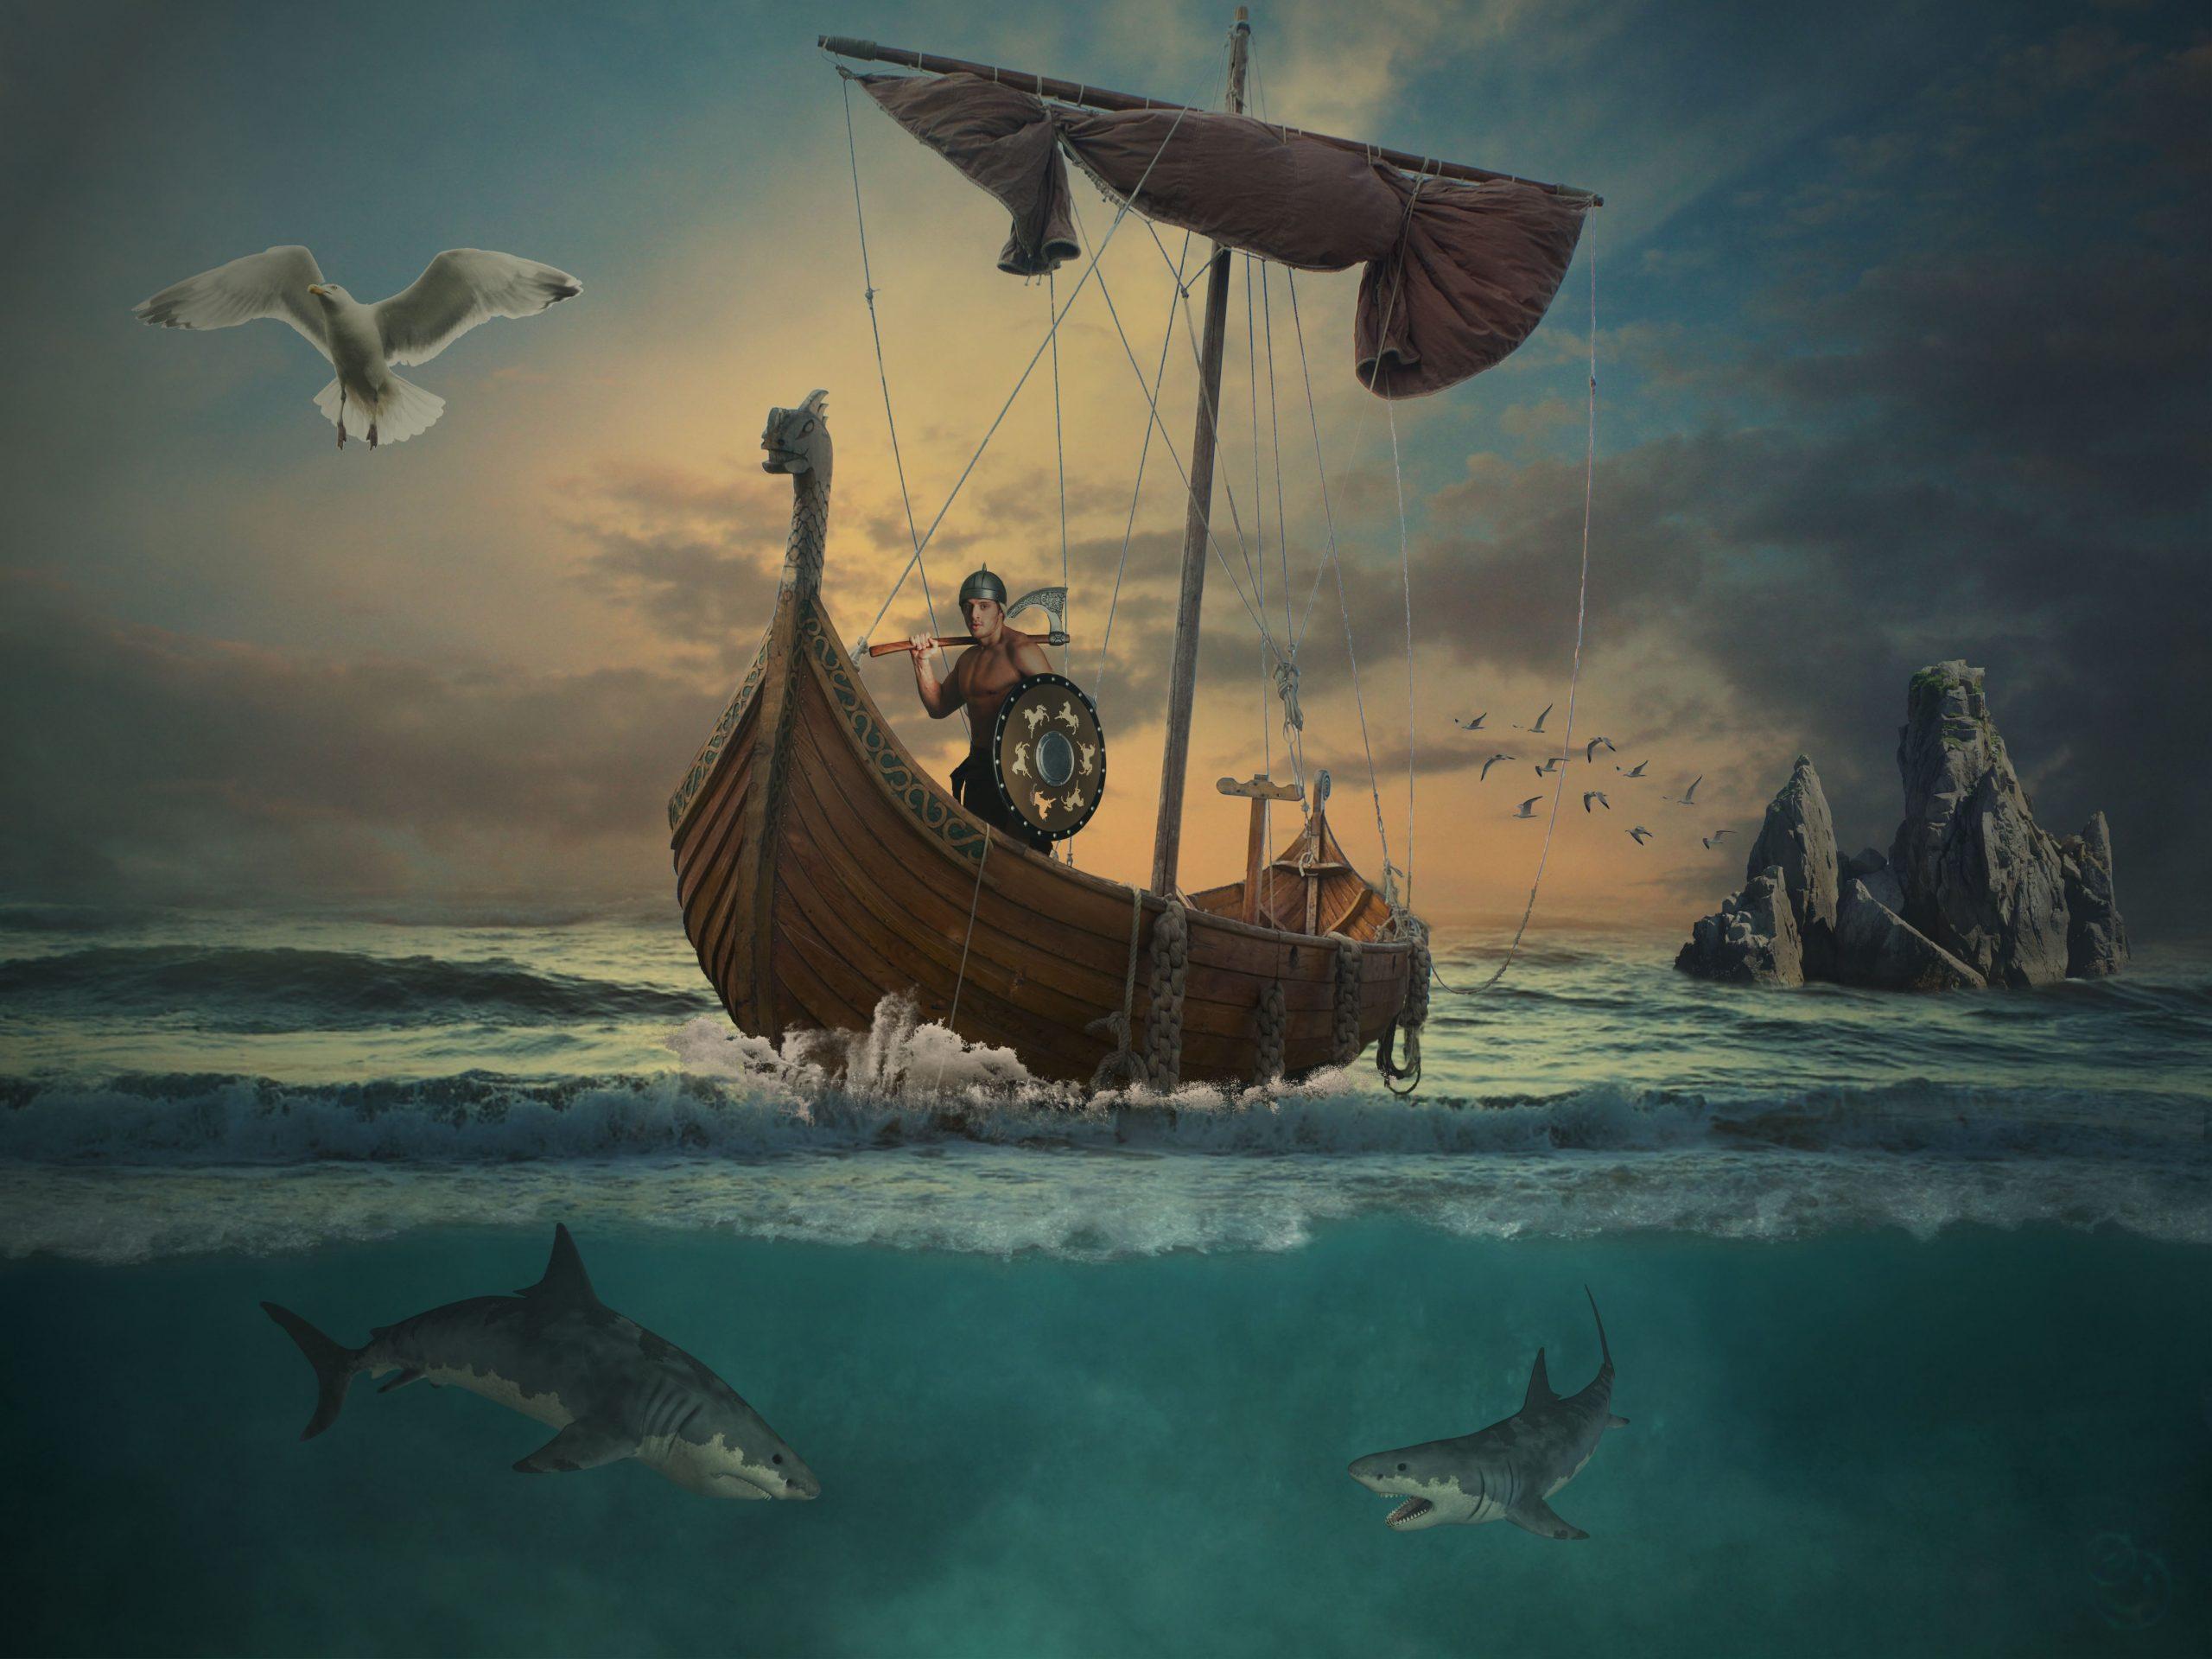 Viking ship in ocean scene.